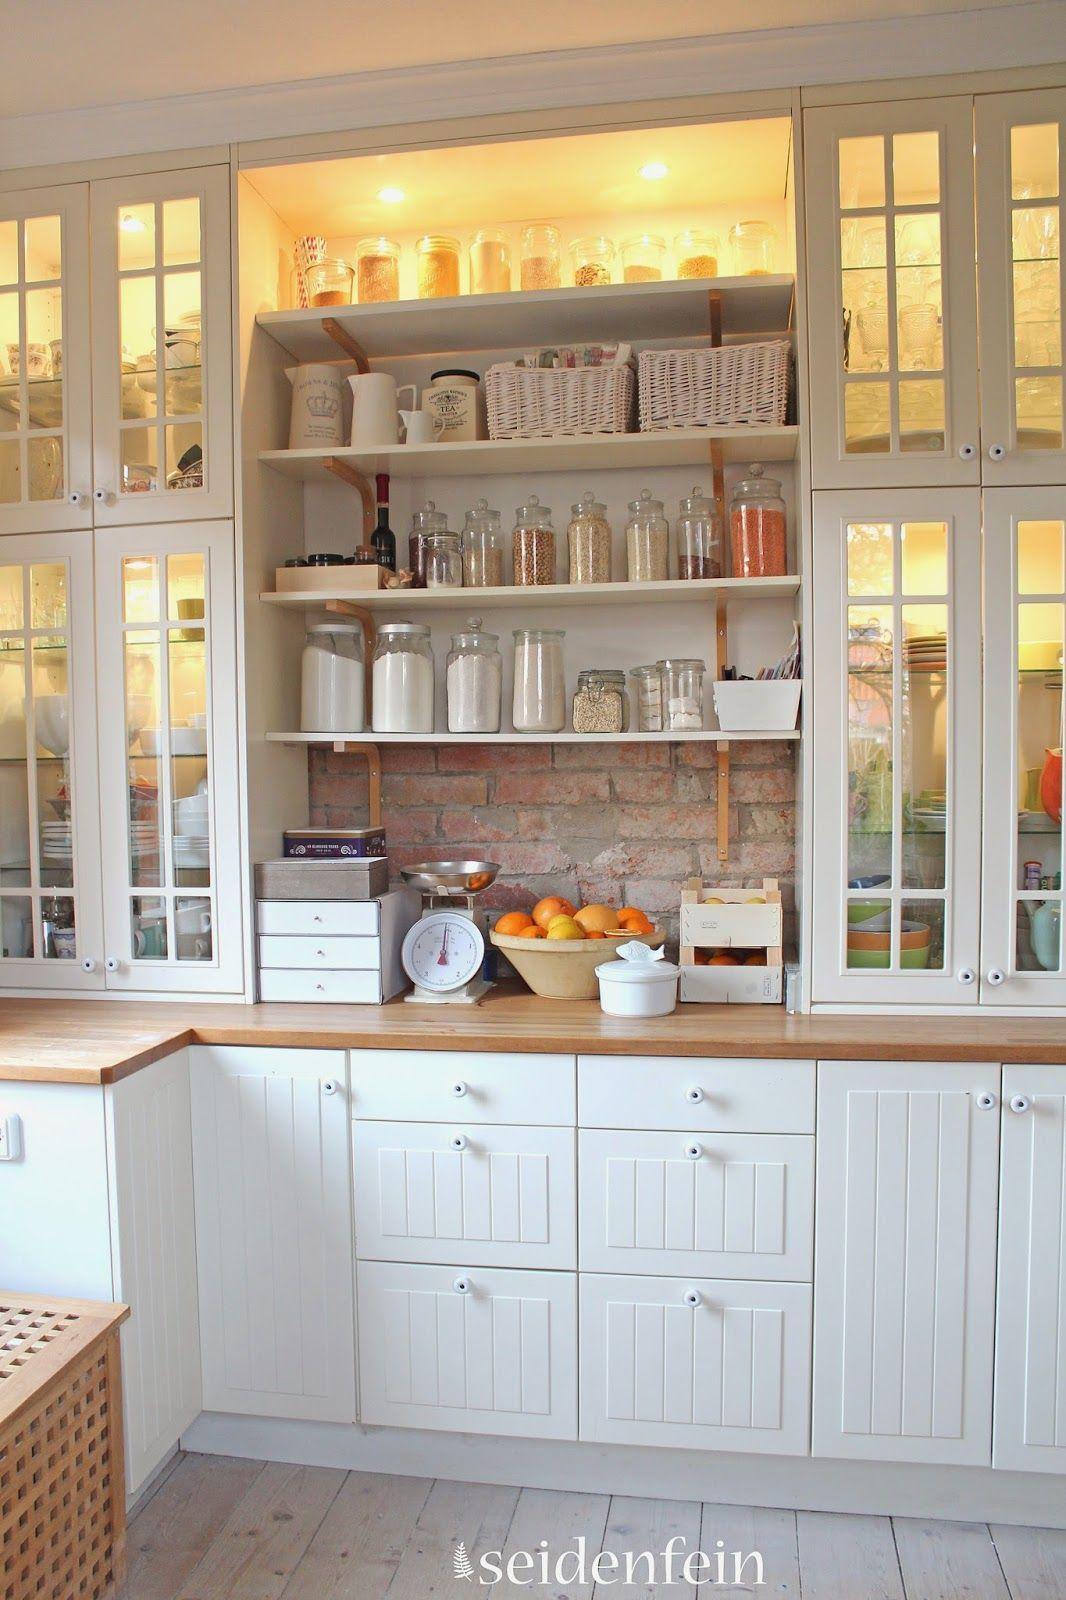 Full Size of Landhausküche Ikea Kchen Make Over Little Kitchen Haus Küche Kosten Grau Weiß Sofa Mit Schlaffunktion Betten Bei 160x200 Gebraucht Modulküche Moderne Wohnzimmer Landhausküche Ikea